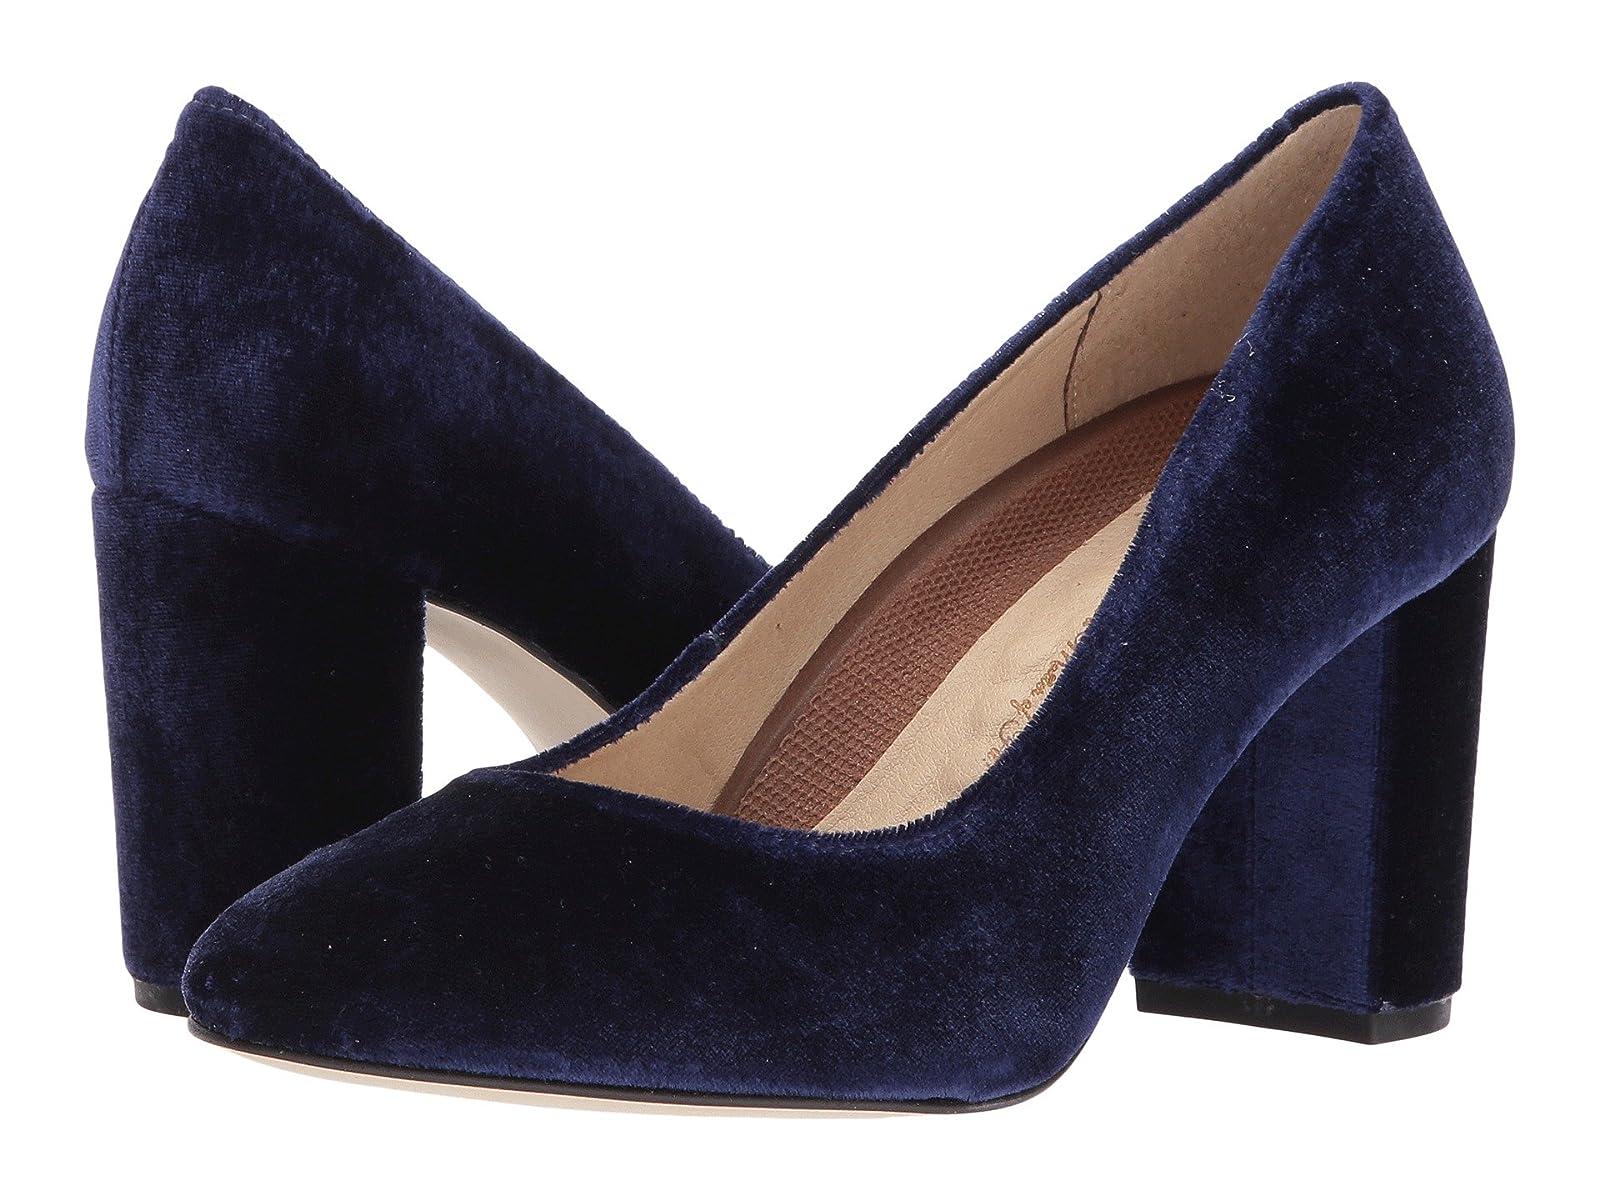 Man's/Woman's:Walking Styles Cradles Matisse : Different Styles Man's/Woman's:Walking And Styles 93843a